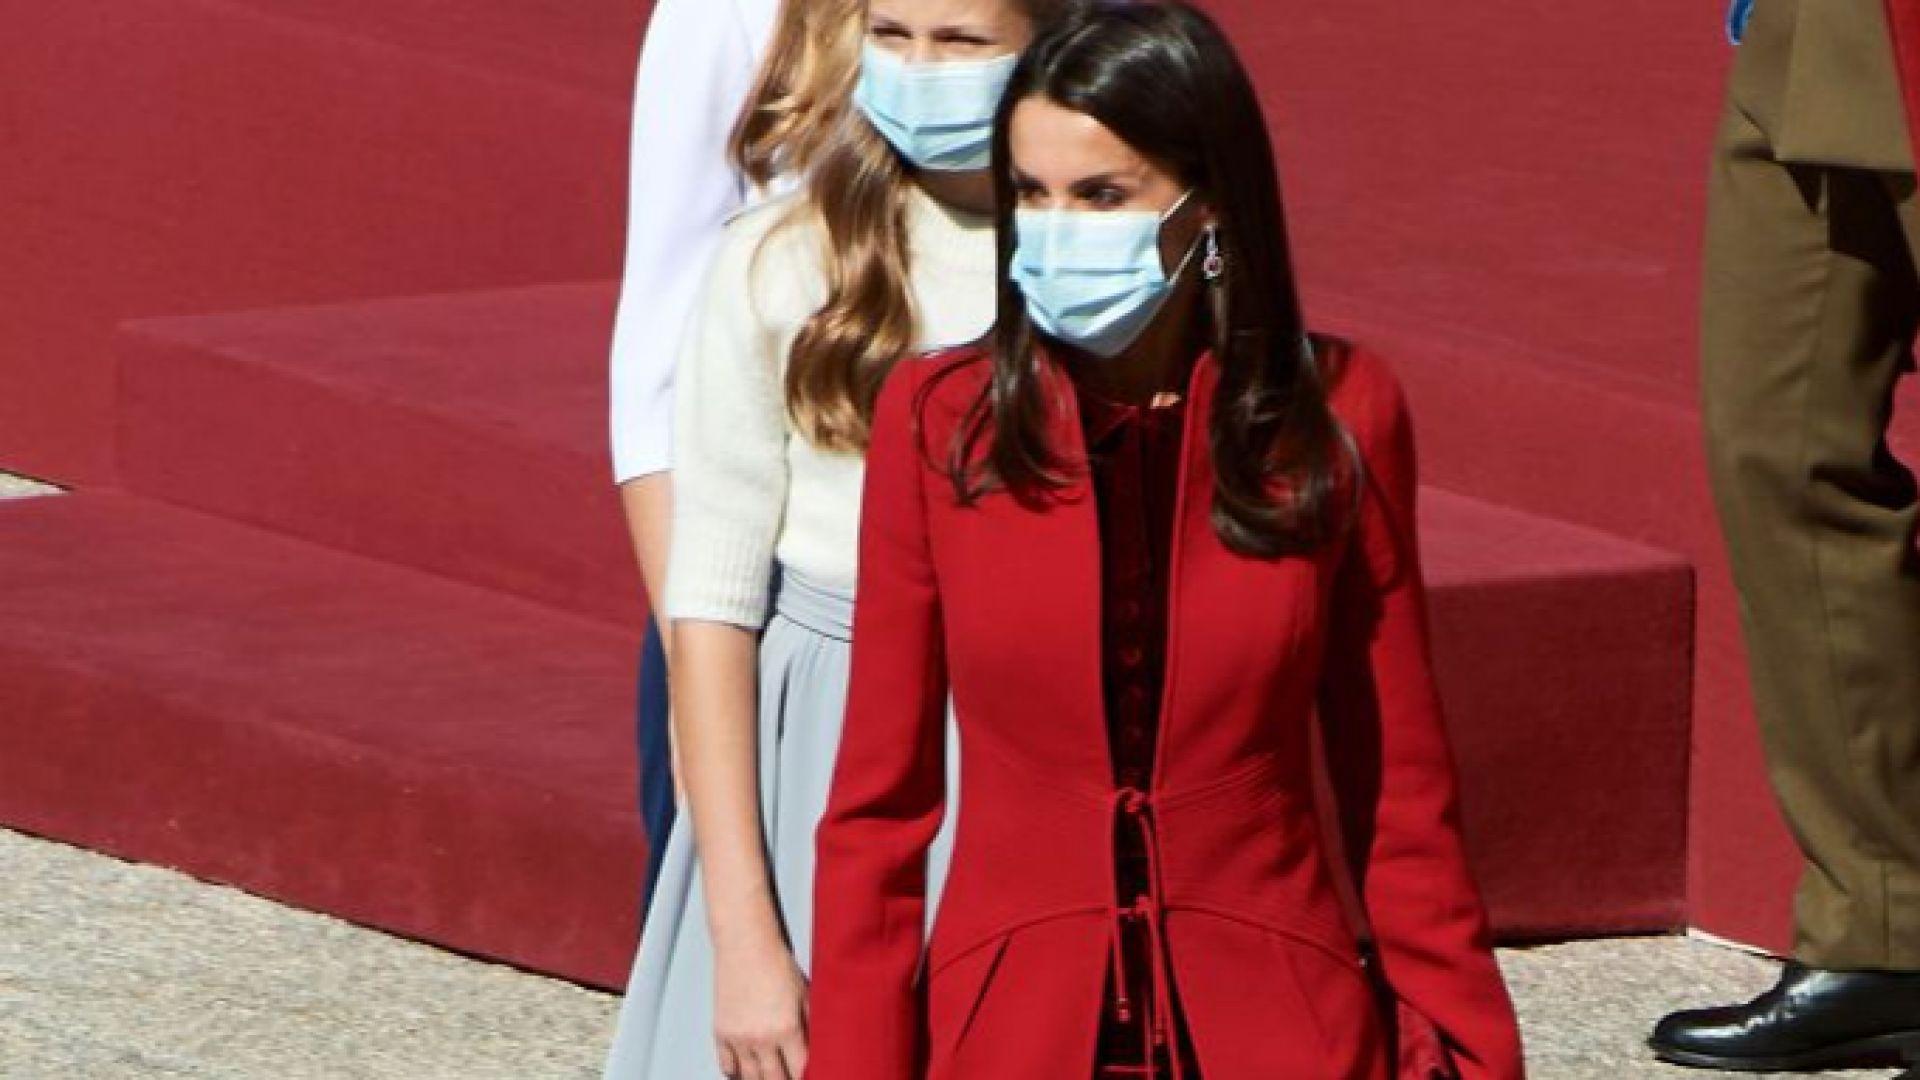 Стил в червено: Кралица Летисия в ярко палто на празника на Испания